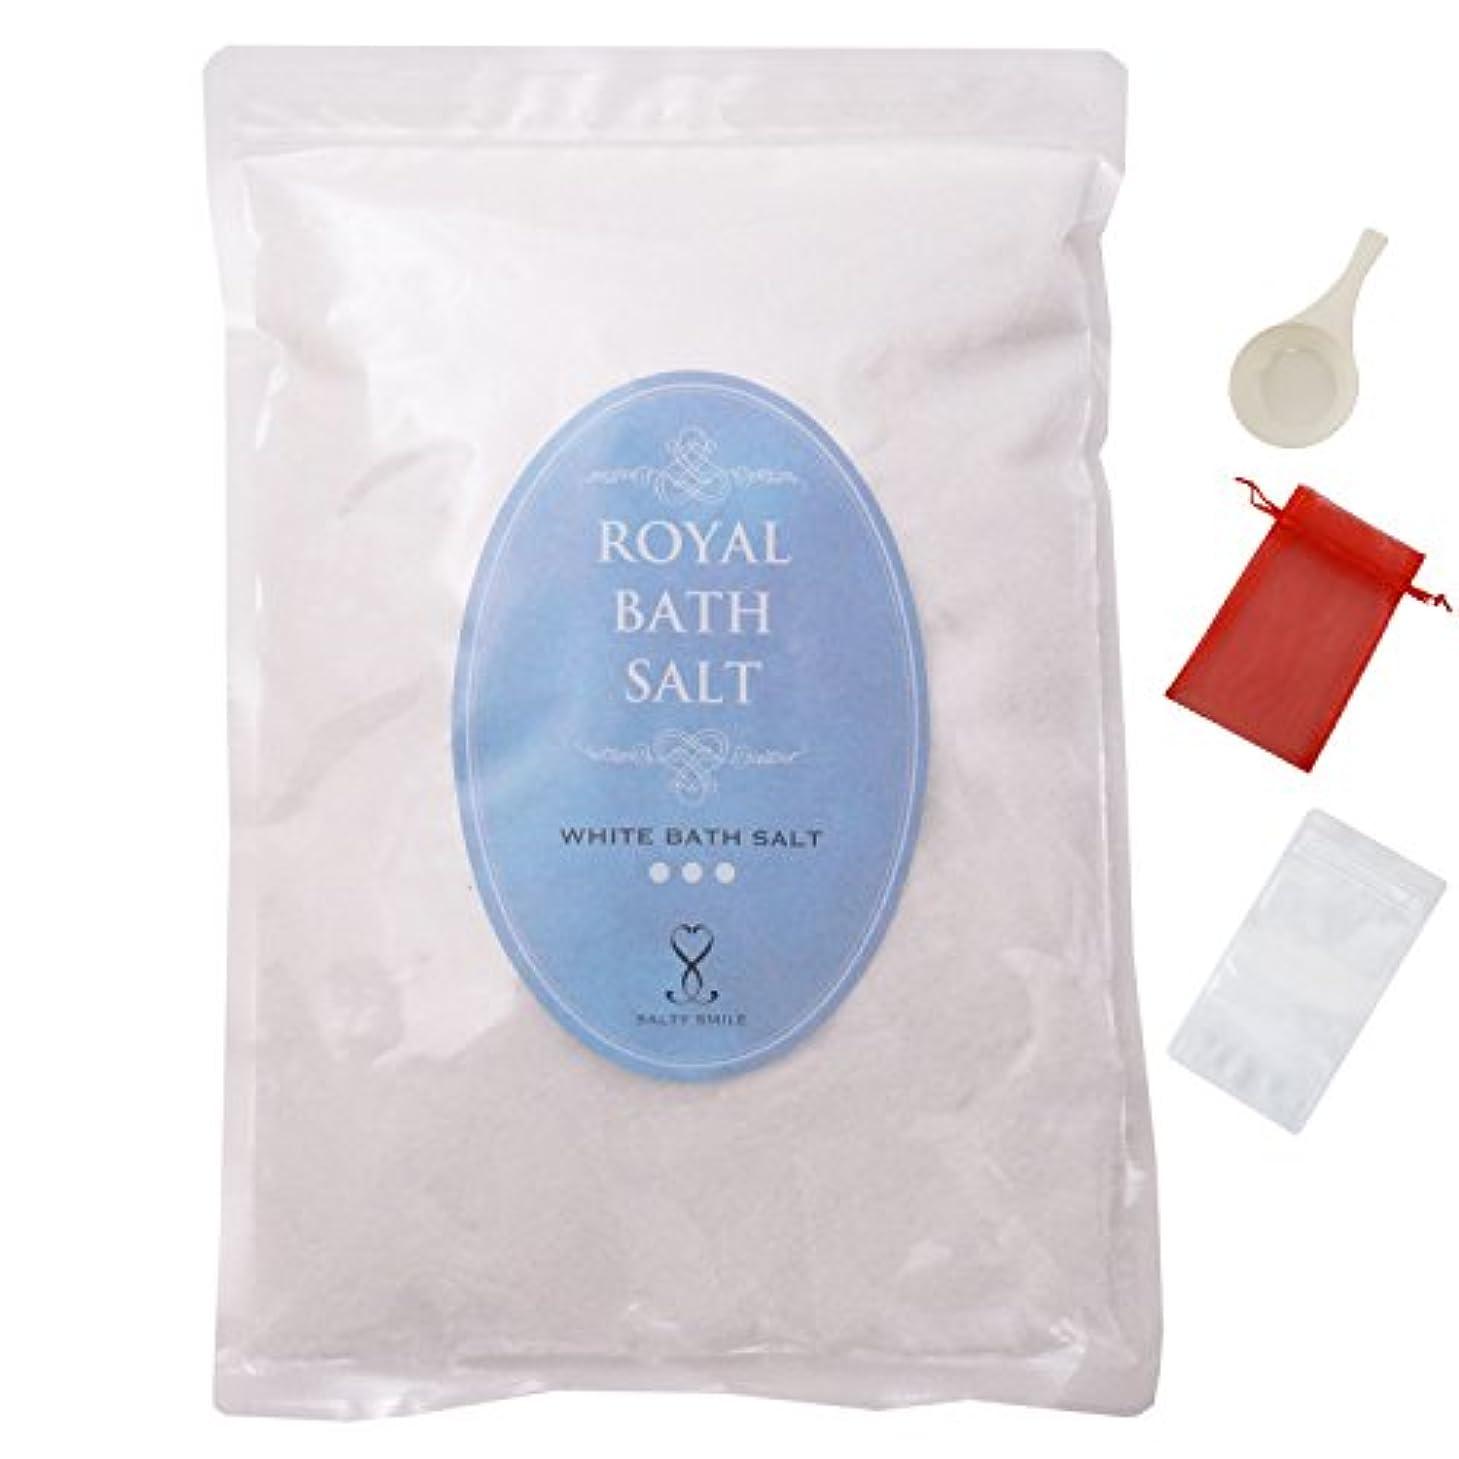 役に立たない朝食を食べるずっとロイヤル バスソルト ヒマラヤ岩塩 クリスタル ホワイト パウダー 細粒 ROYAL BATH SALT (1,000g【1㎏】)